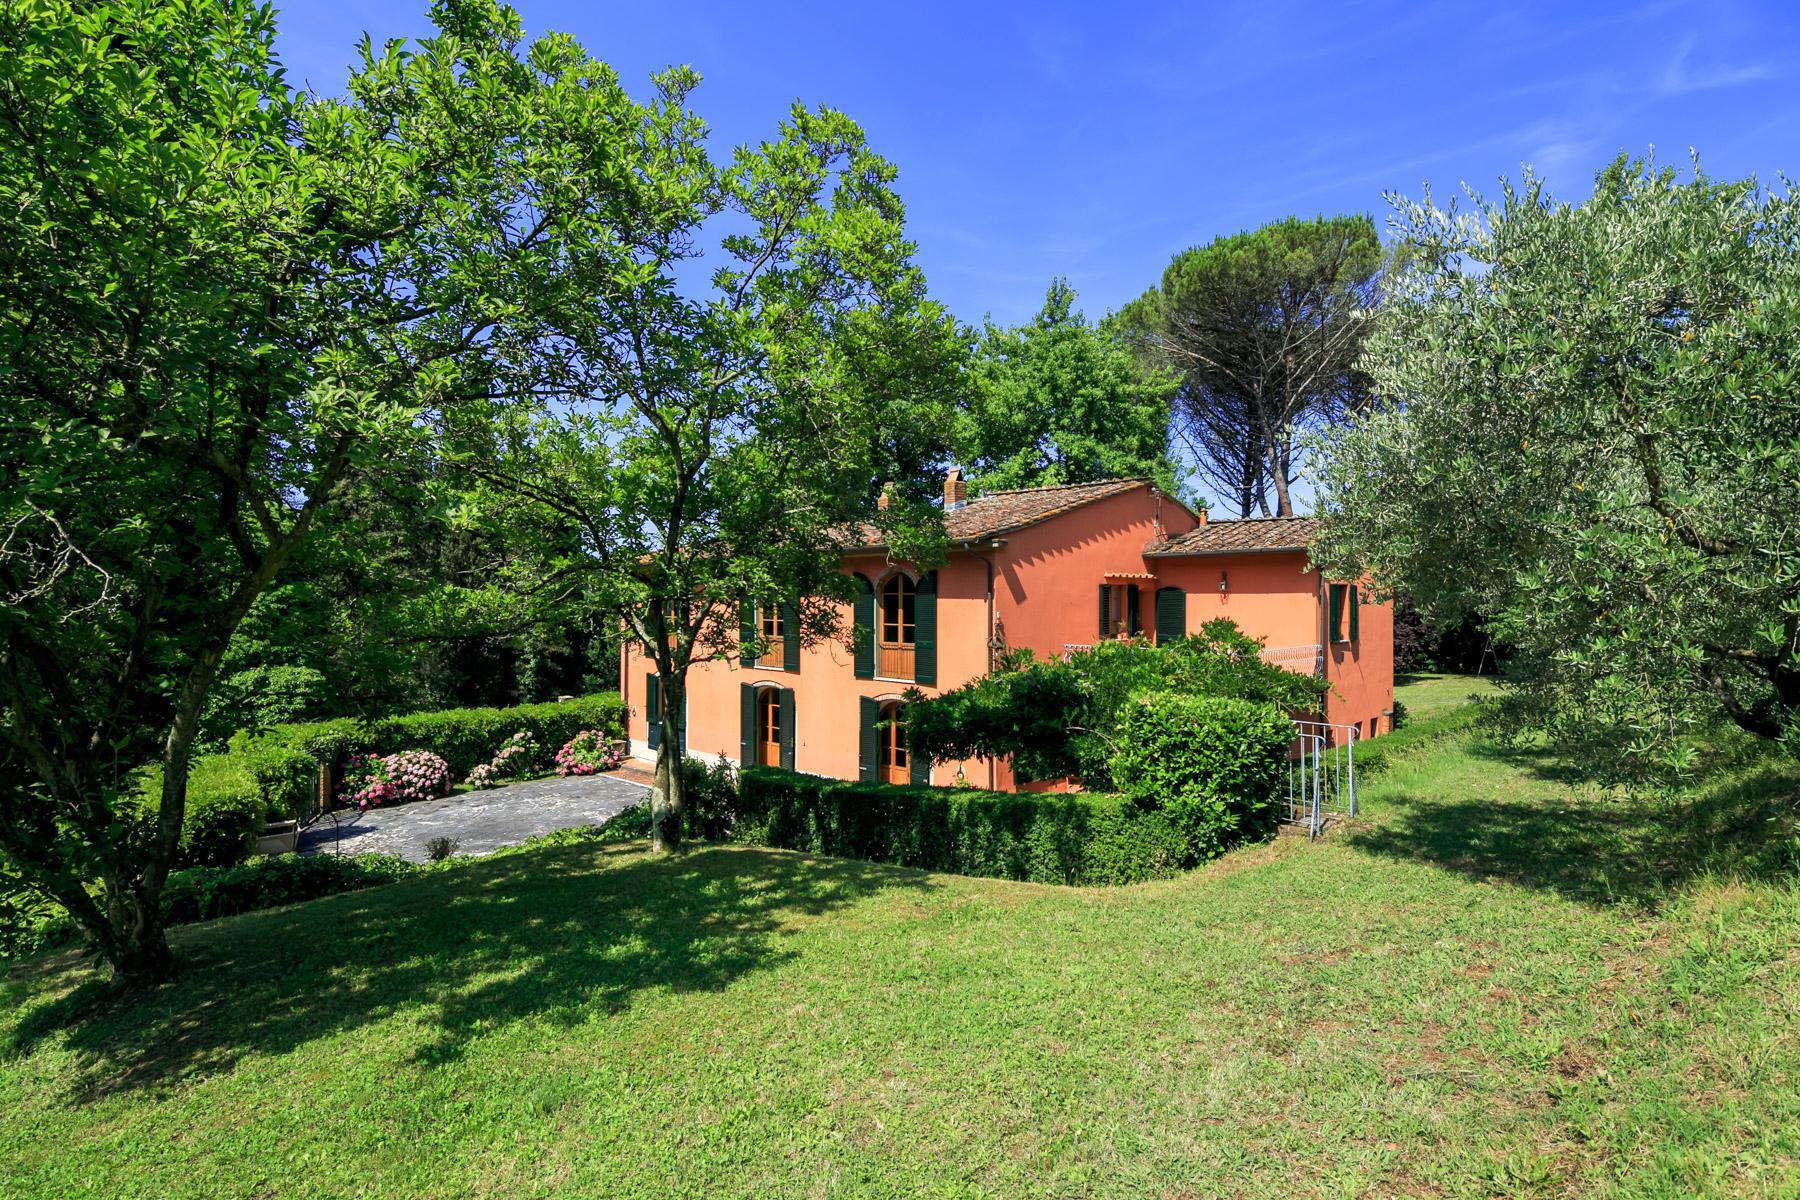 Elegante Villa mit Park und Olivenhainen auf dem Land Luccas - 1